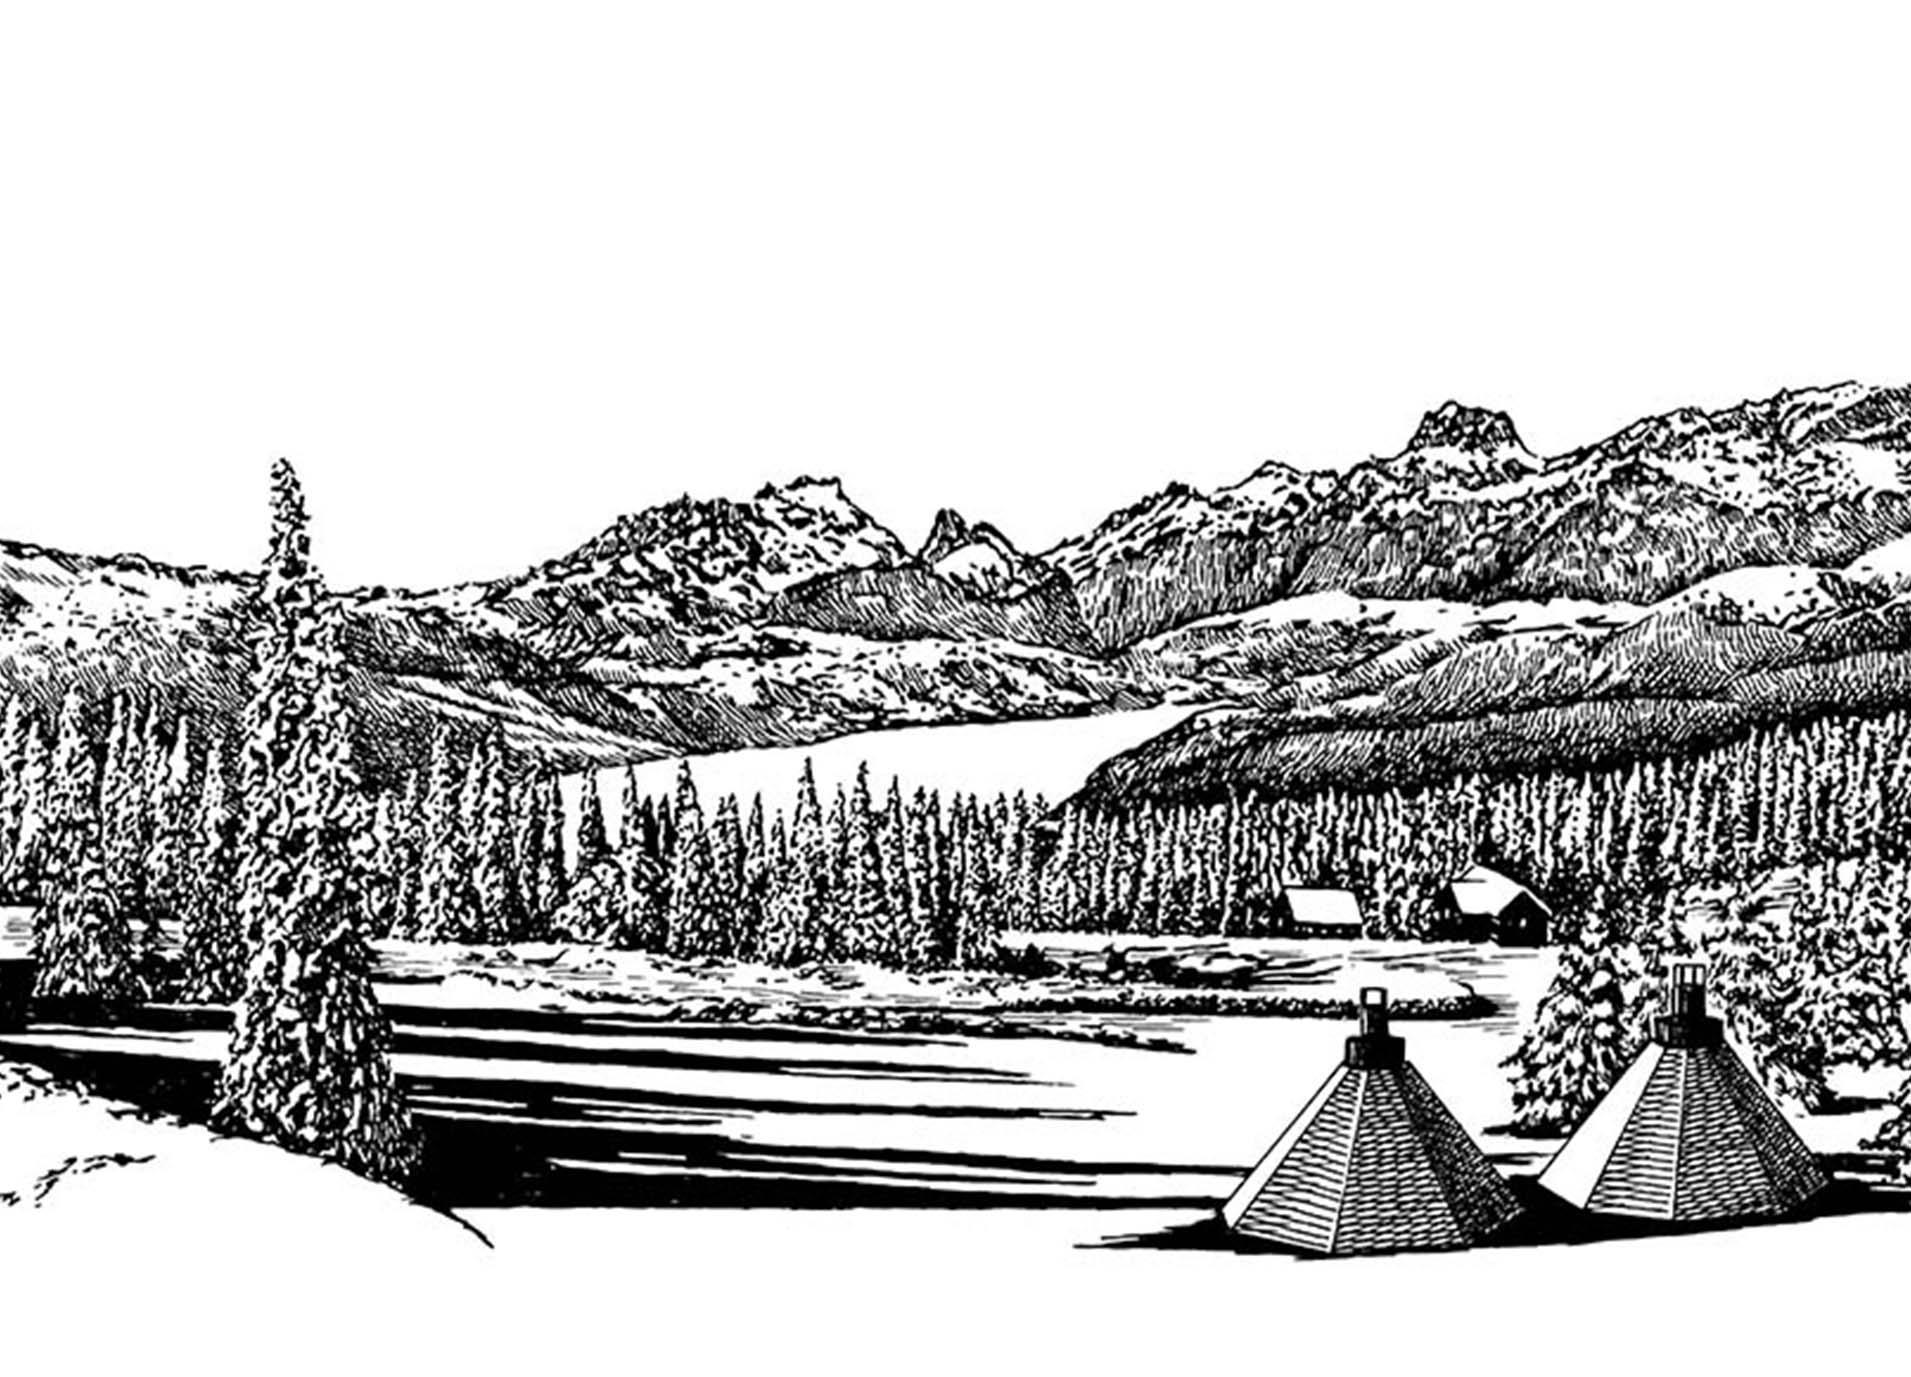 HESTRAドローイング雪山の風景イラスト